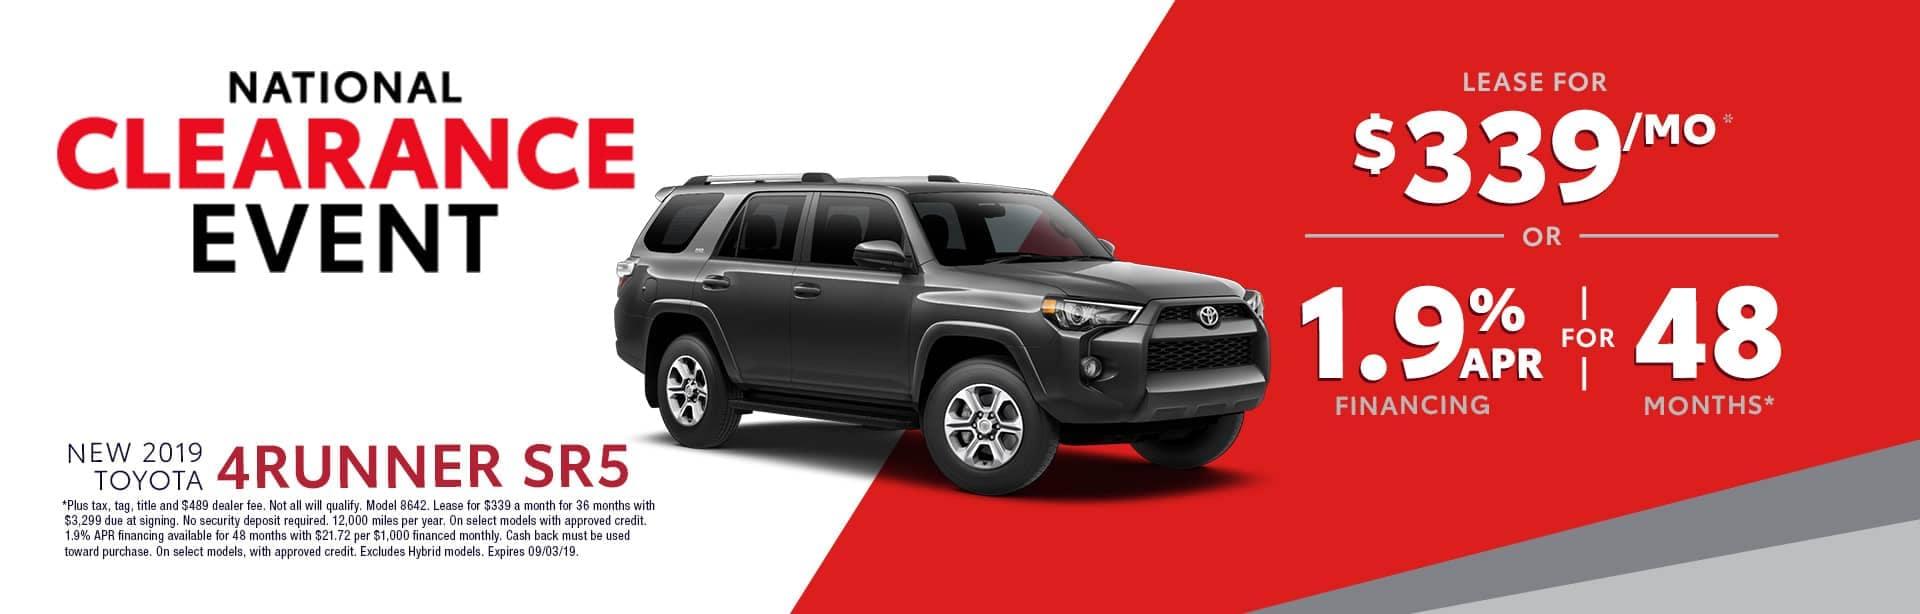 Homepage Aug Offer Toyota 4Runner